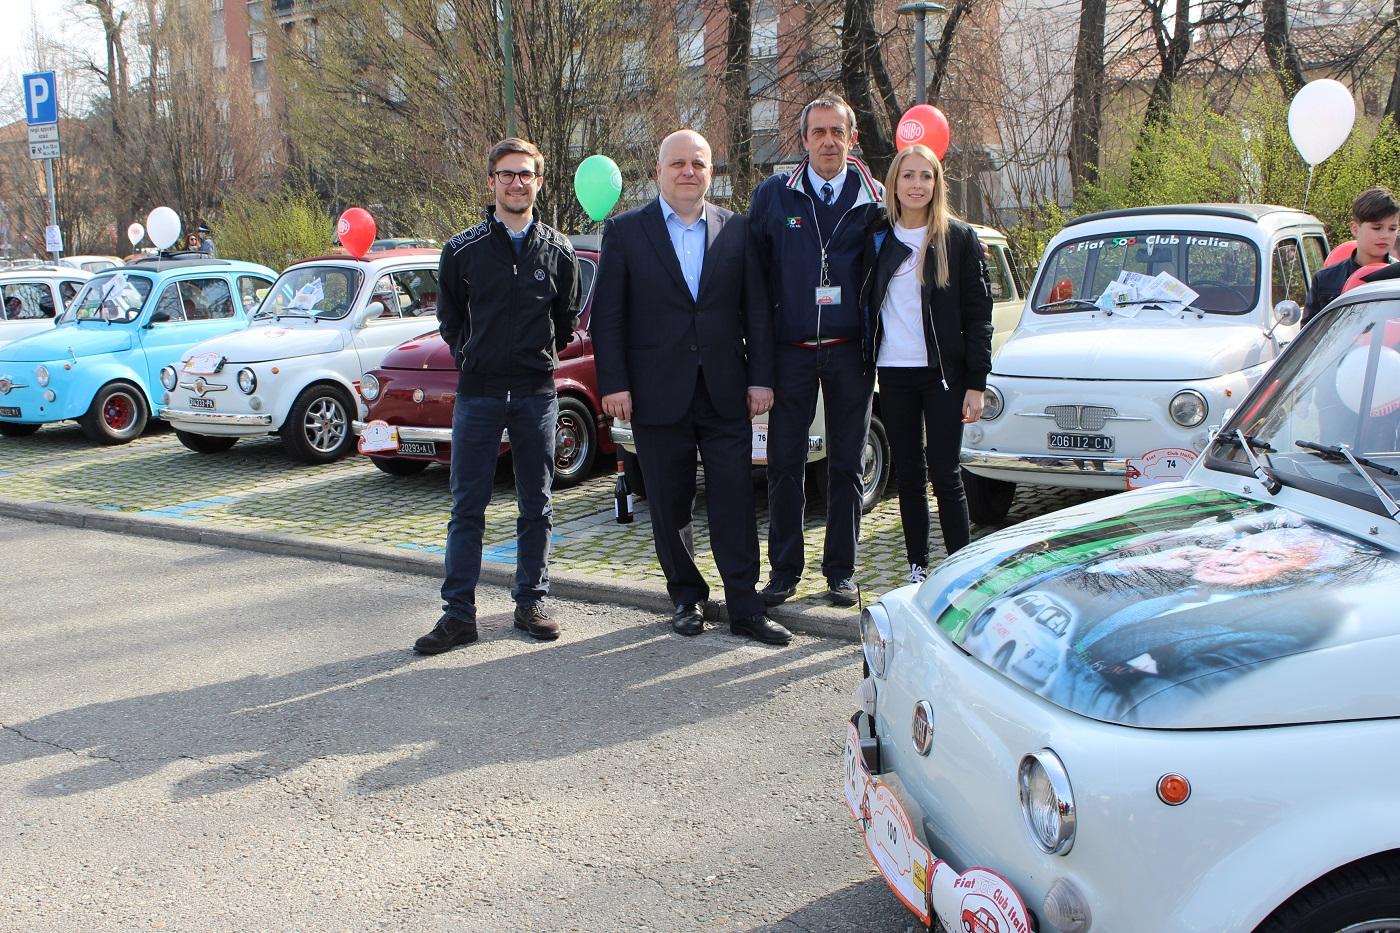 La Guida - In tanti per il raduno di Fiat 500 ad Alba